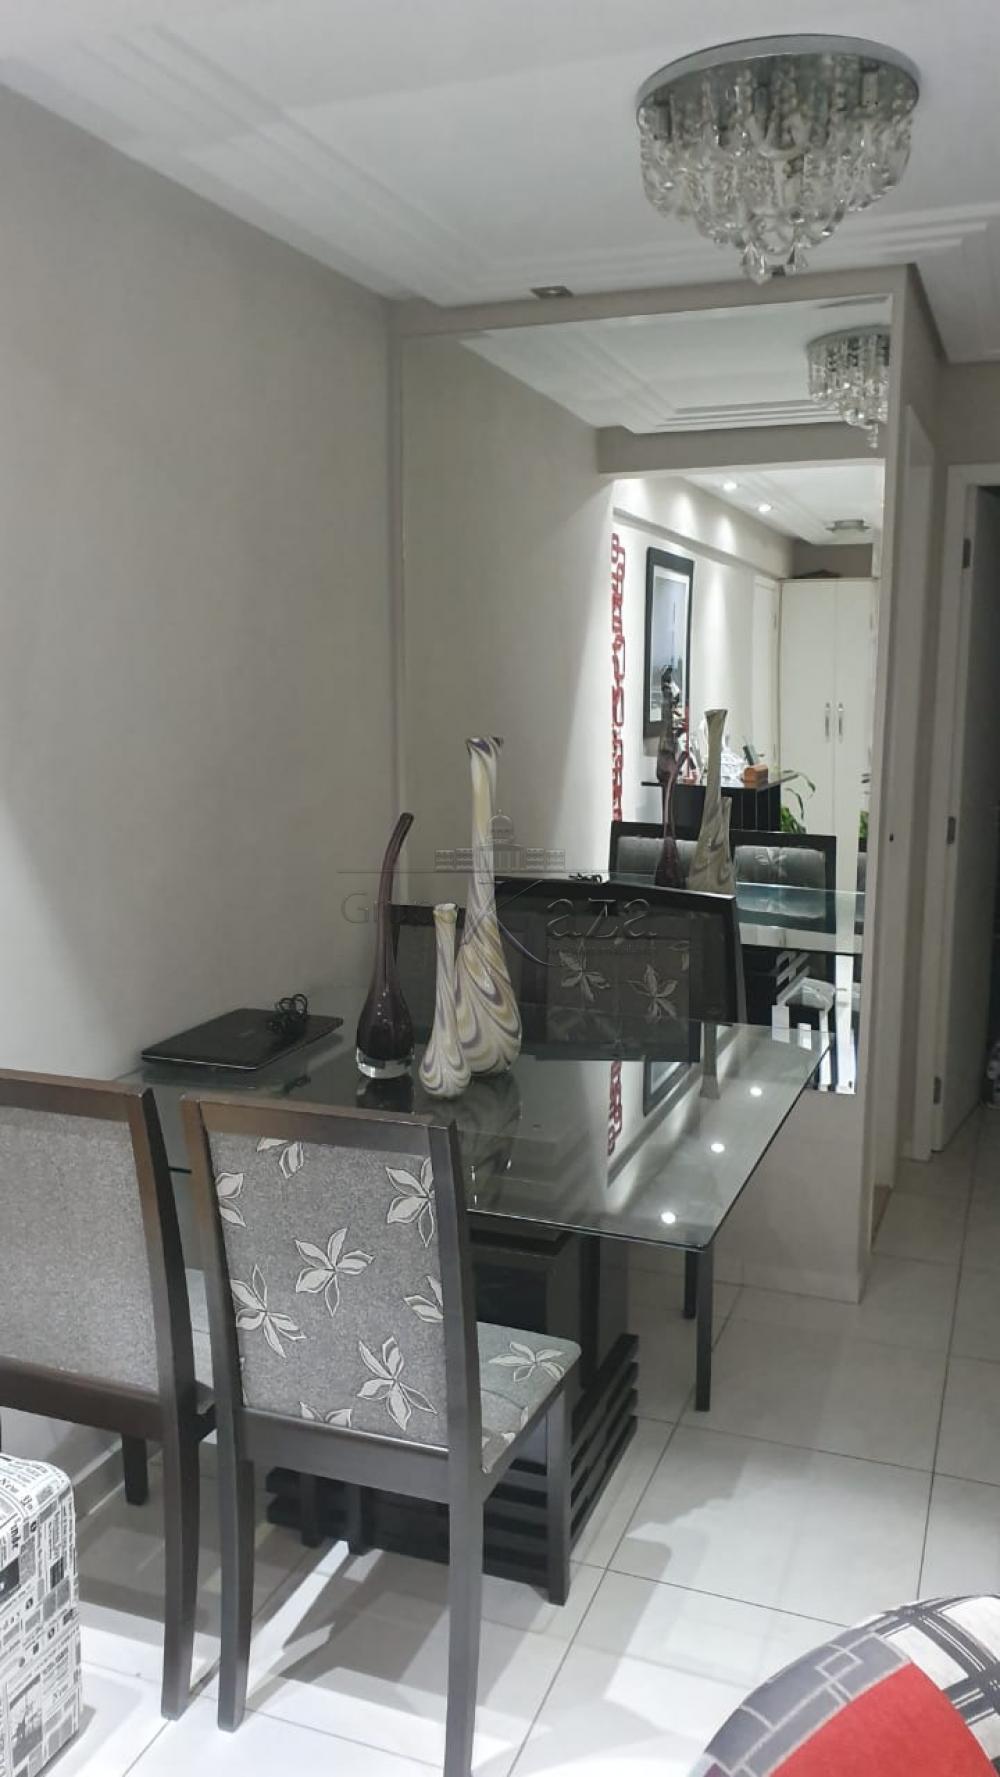 Comprar Apartamento / Padrão em São José dos Campos apenas R$ 372.000,00 - Foto 18